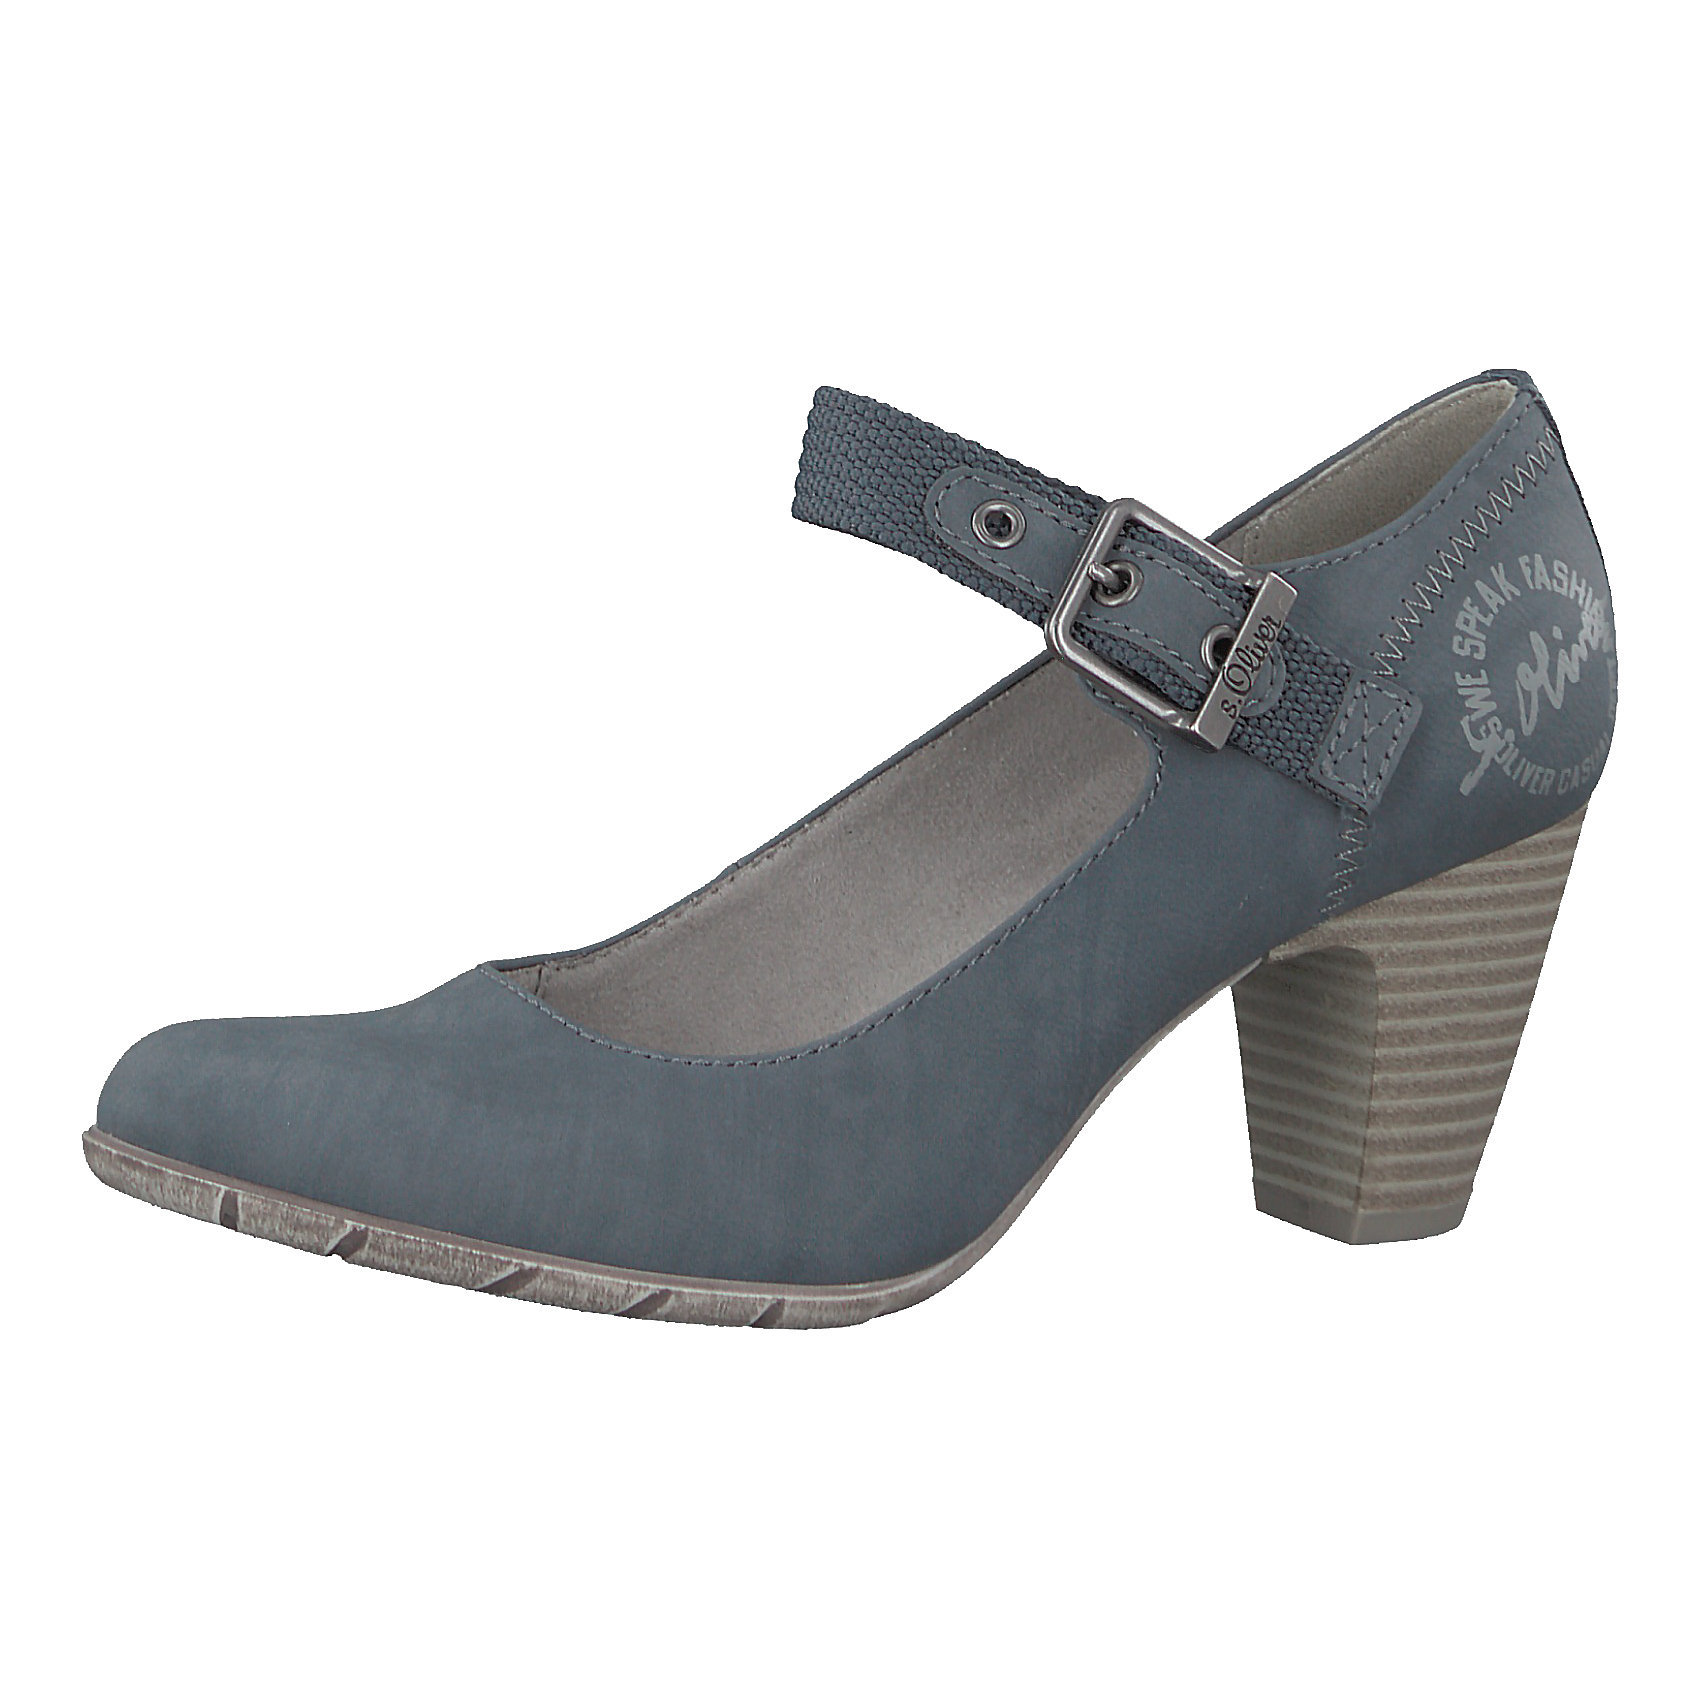 95f99413567e Neu s.Oliver Spangenpumps 7403765 für Damen schwarz blue denim   eBay